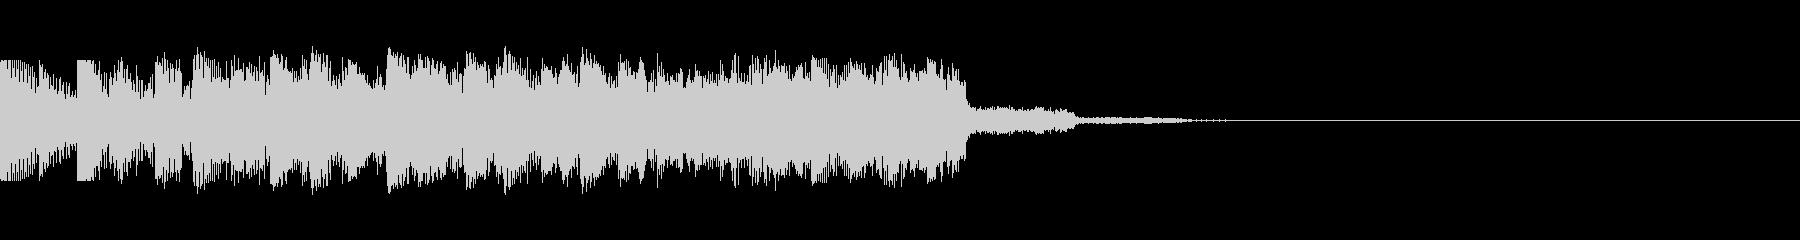 パチンコ的アイテム獲得音10(SU04)の未再生の波形